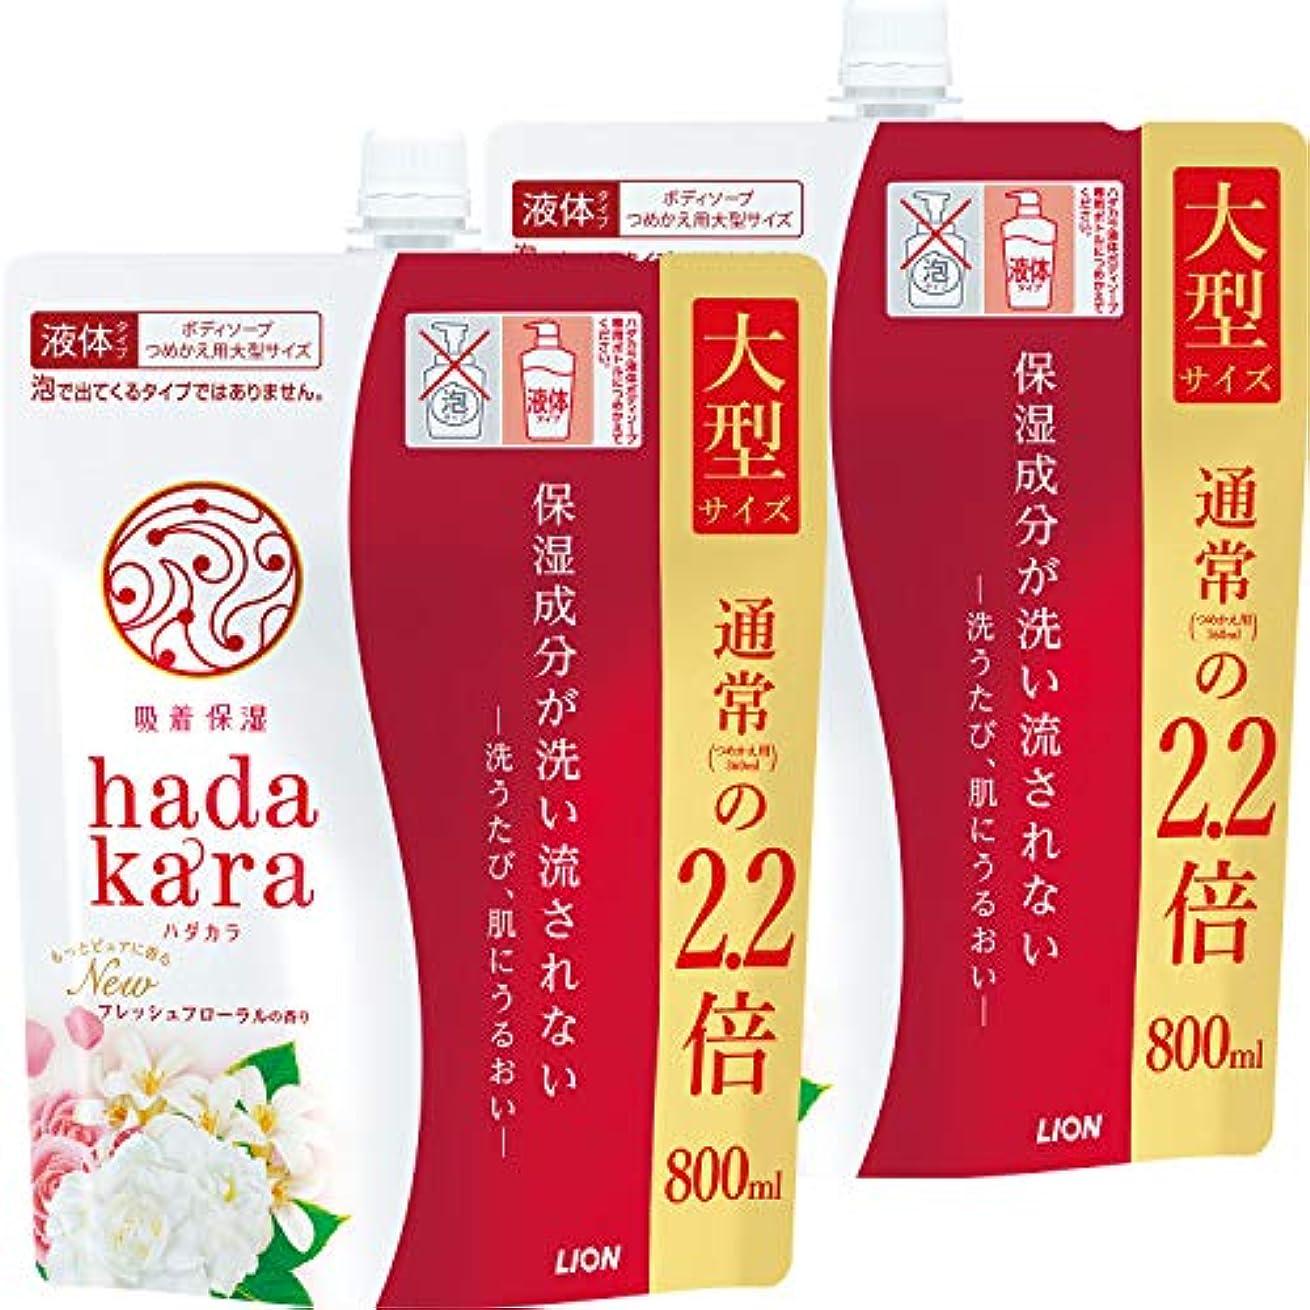 ごめんなさいしたい動揺させるhadakara(ハダカラ) ボディソープ フレッシュフローラルの香り つめかえ用大型サイズ 800ml×2個